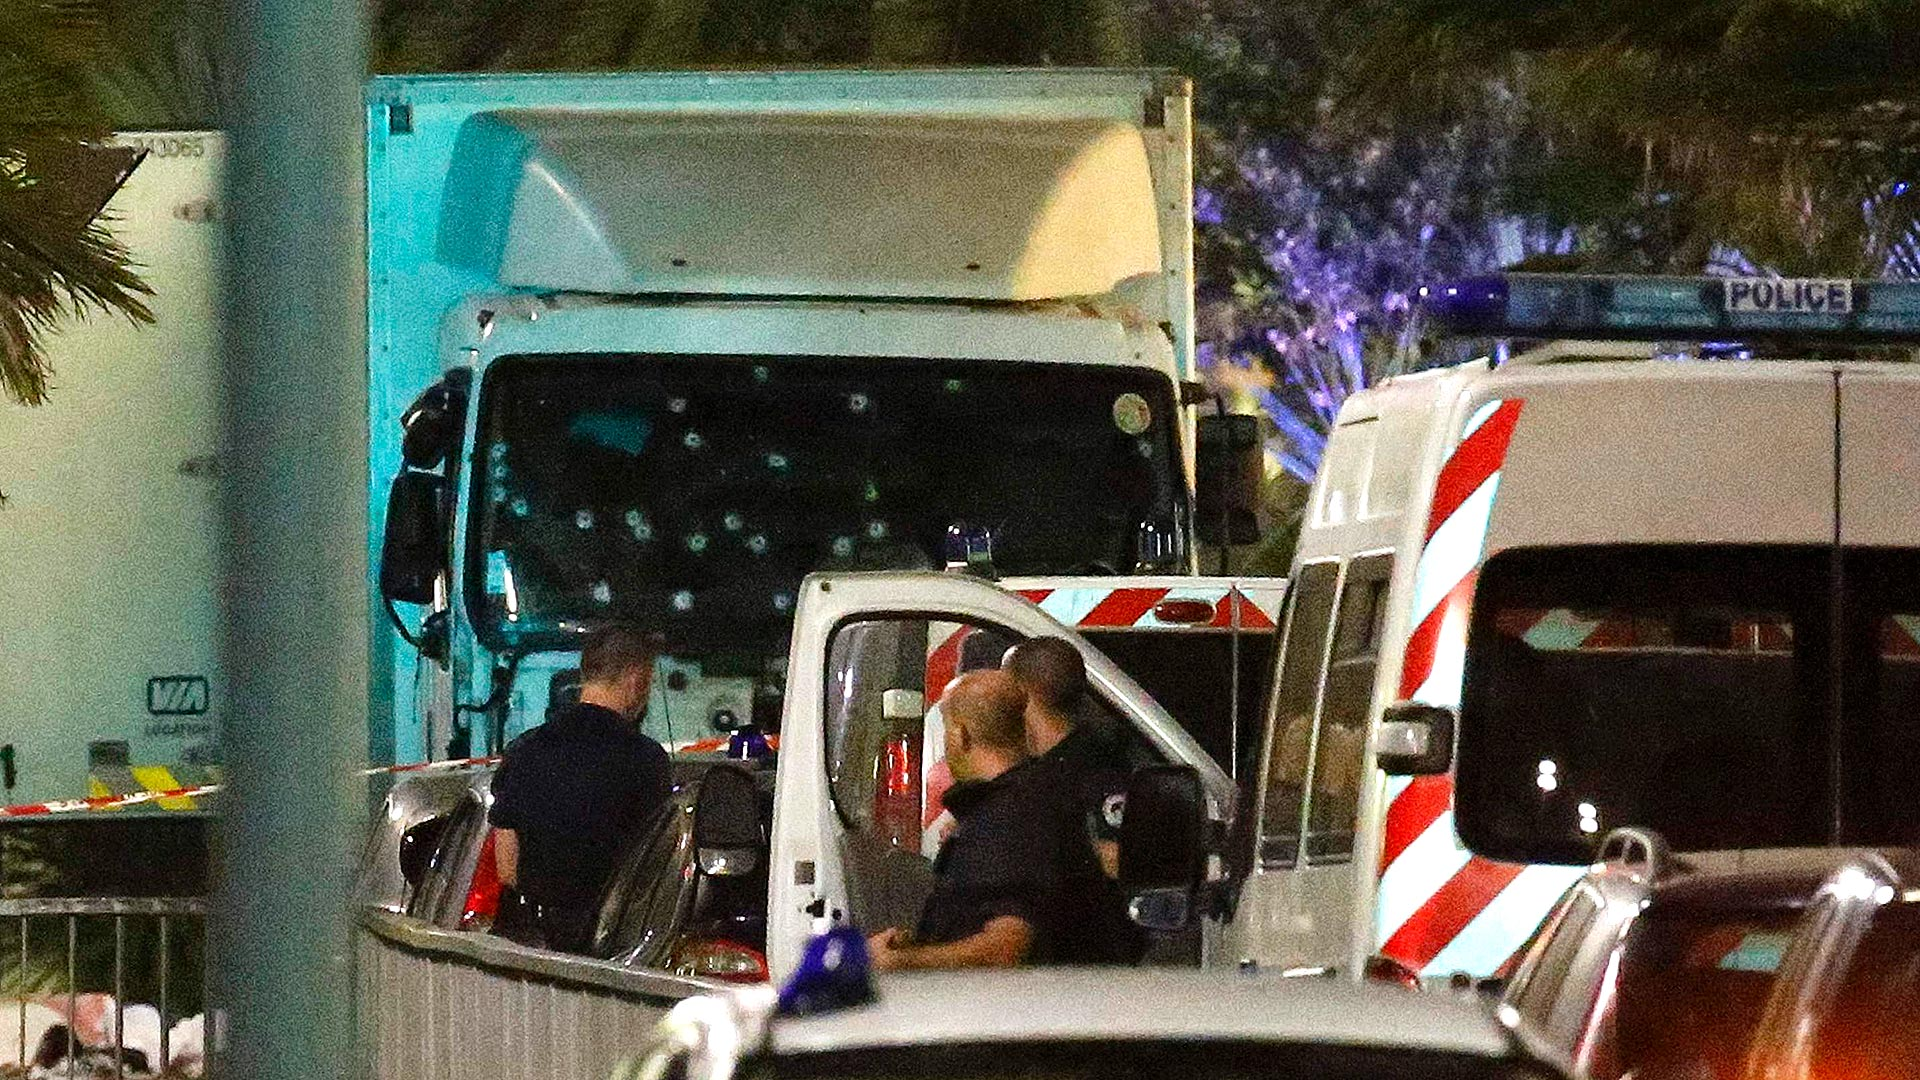 El camión del ataque, con los disparos en el parabrisas (Reuters)